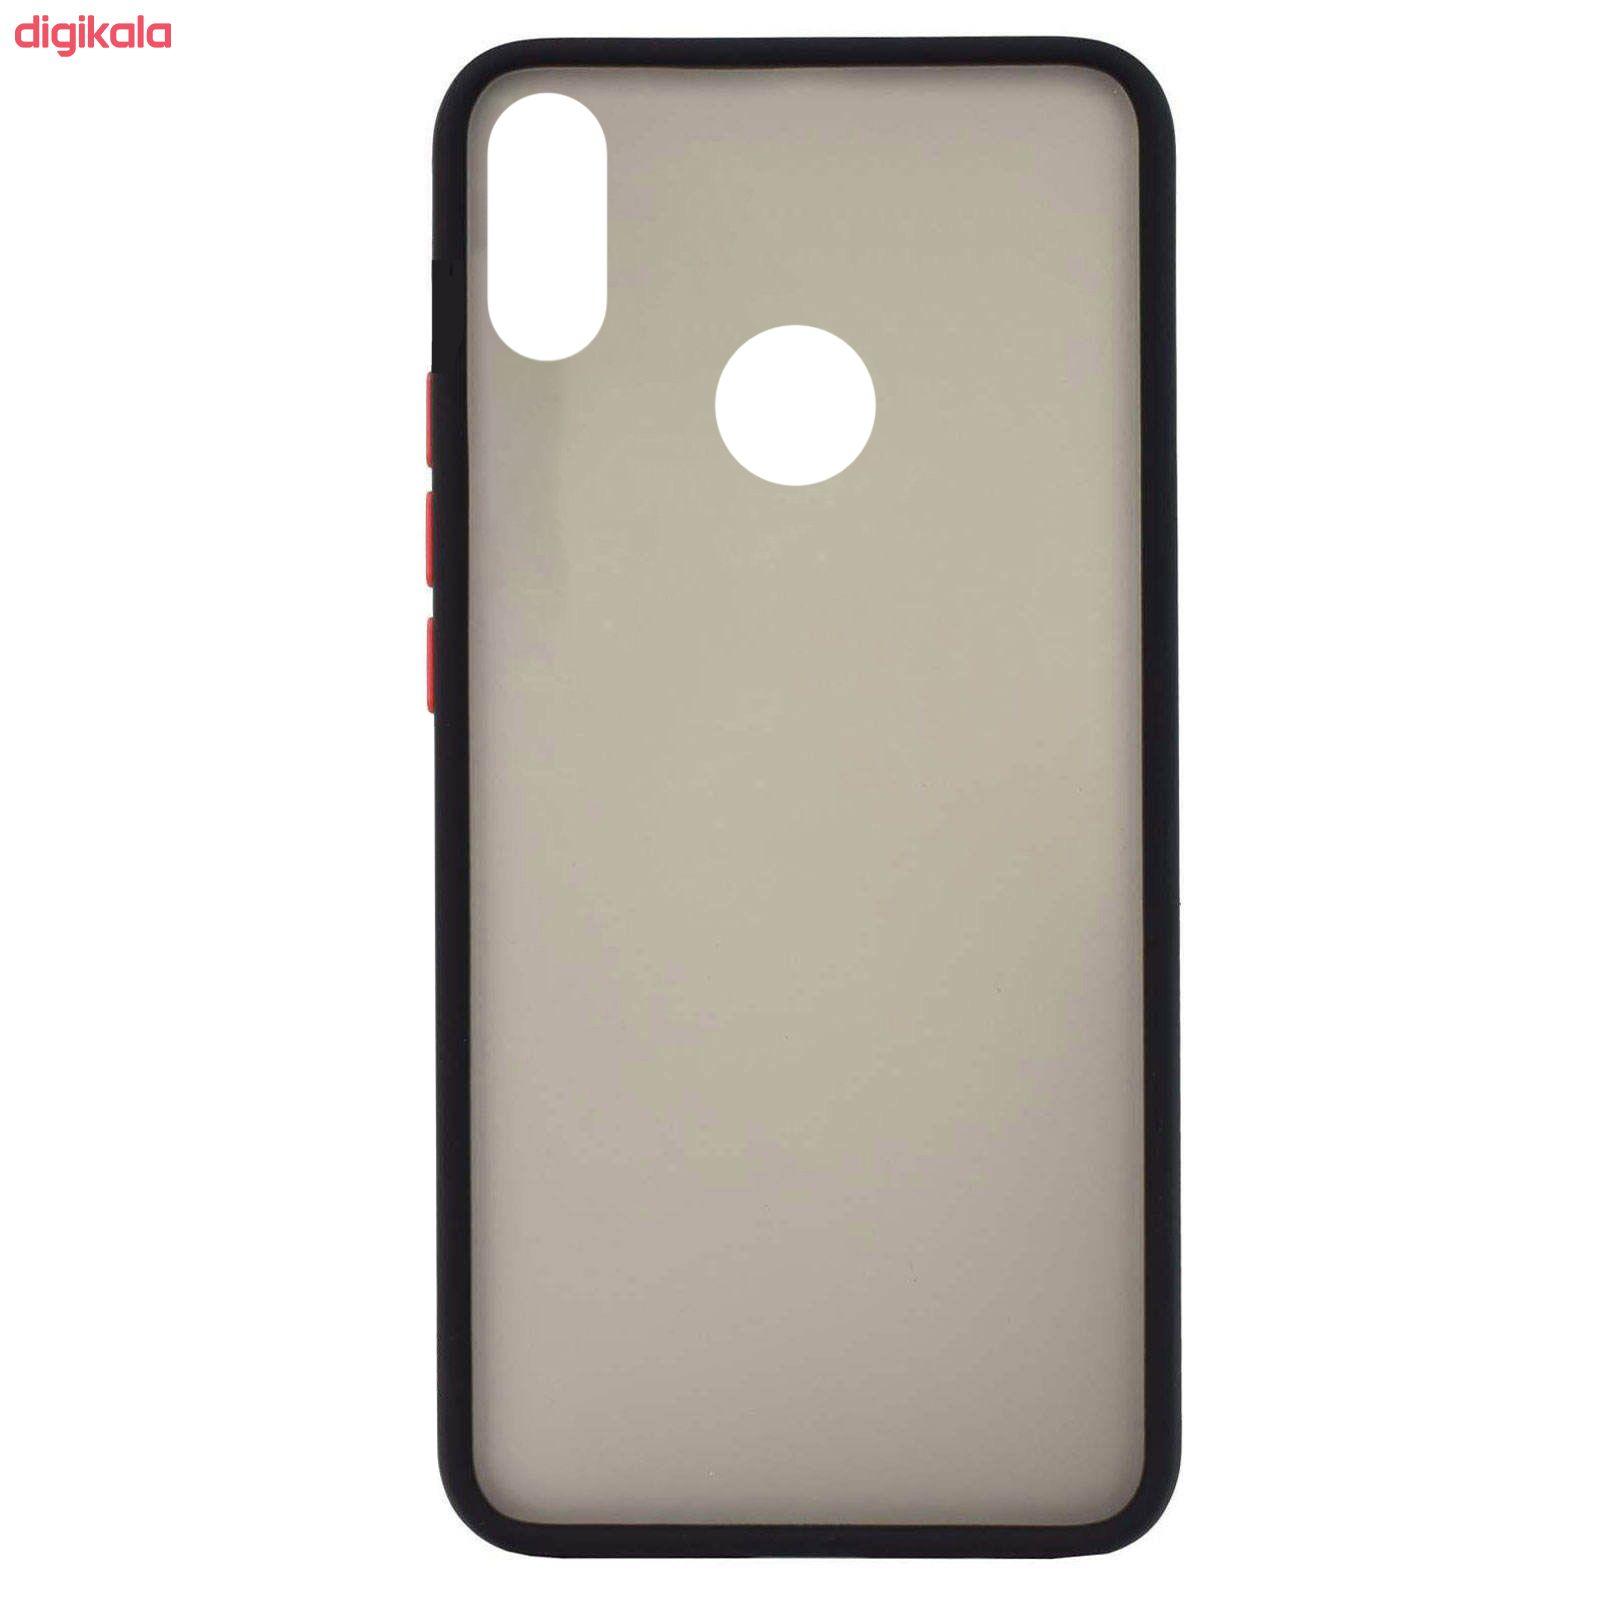 کاور مدل SB-01 مناسب برای گوشی موبایل هوآوی Y6 2019 main 1 3